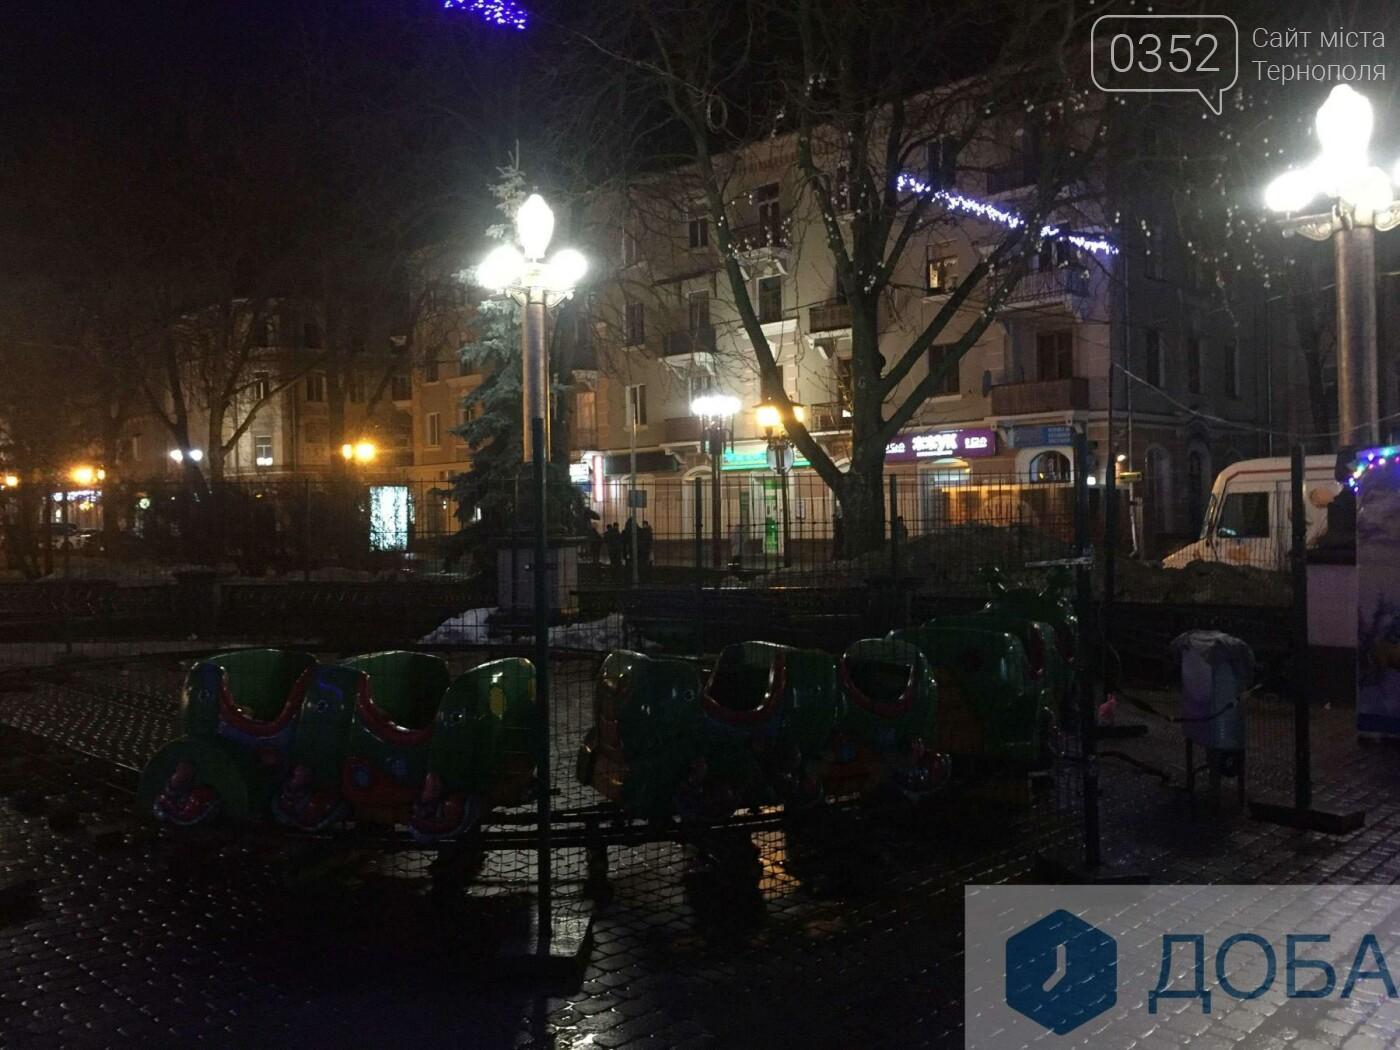 Скільки доведеться заплатити, аби покататись на атракціонах у центрі Тернополя? (фото), фото-3